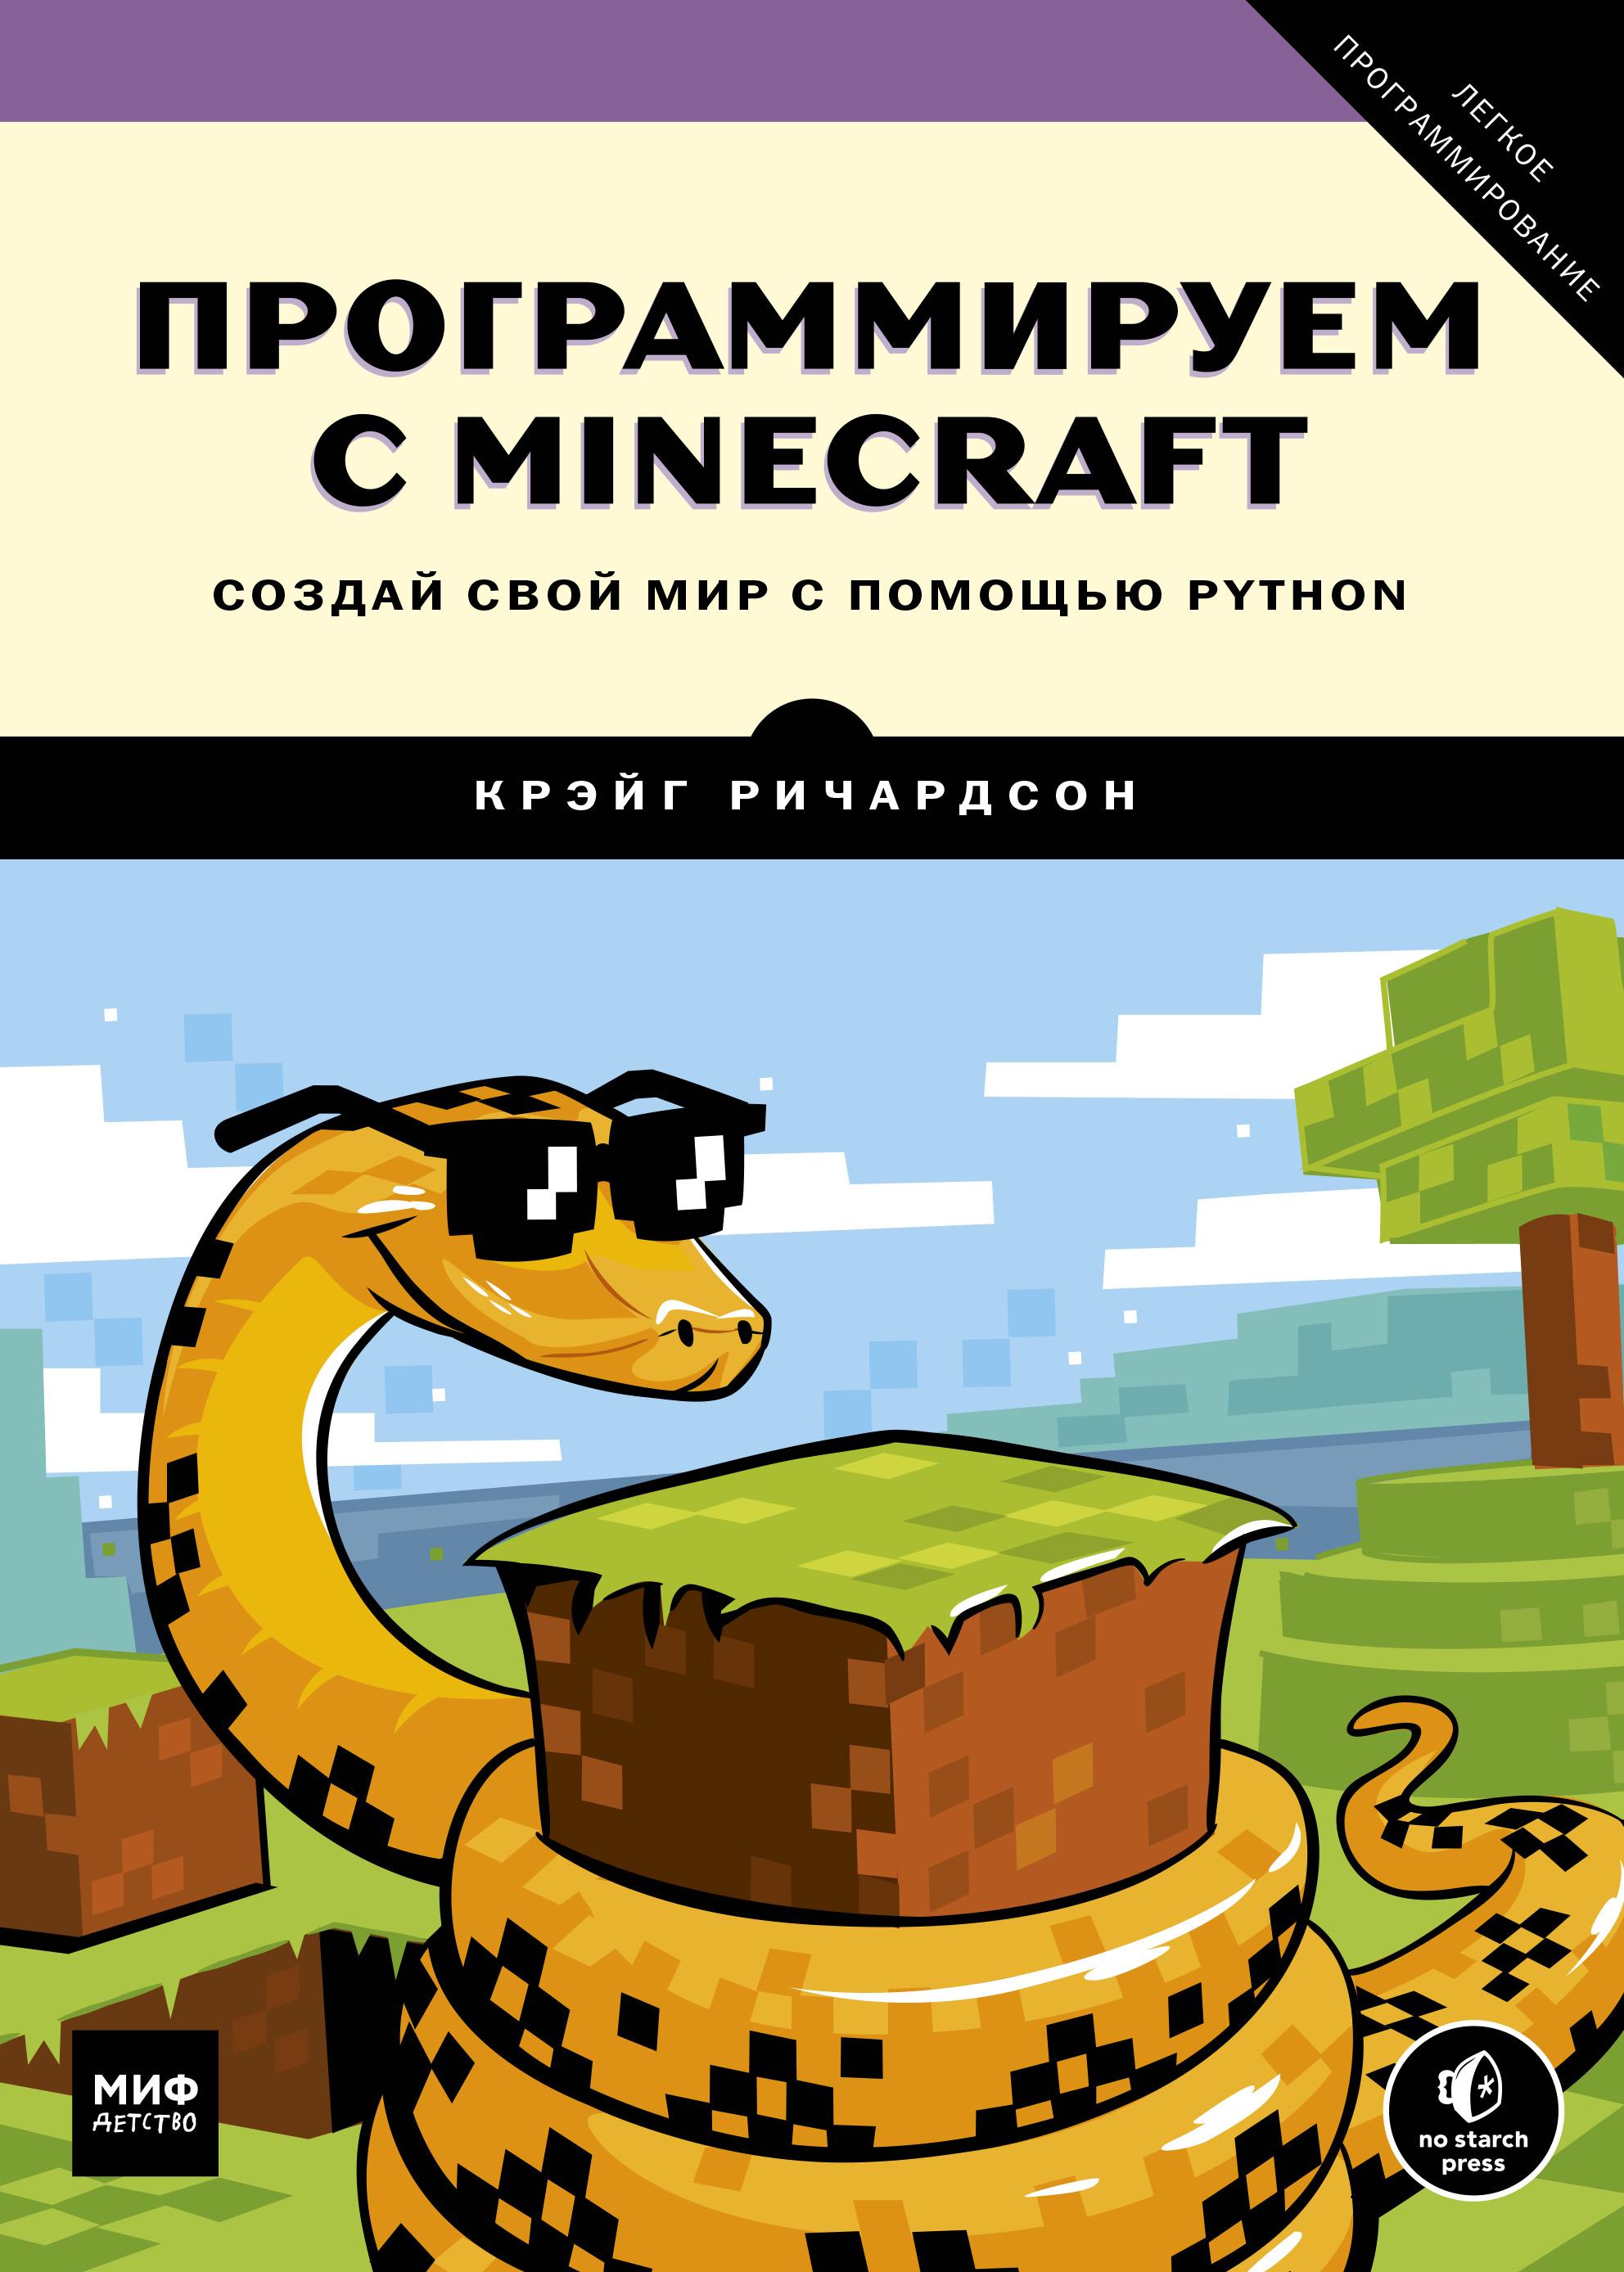 Программируем с Minecraft. Создай свой мир с помощью Python от book24.ru